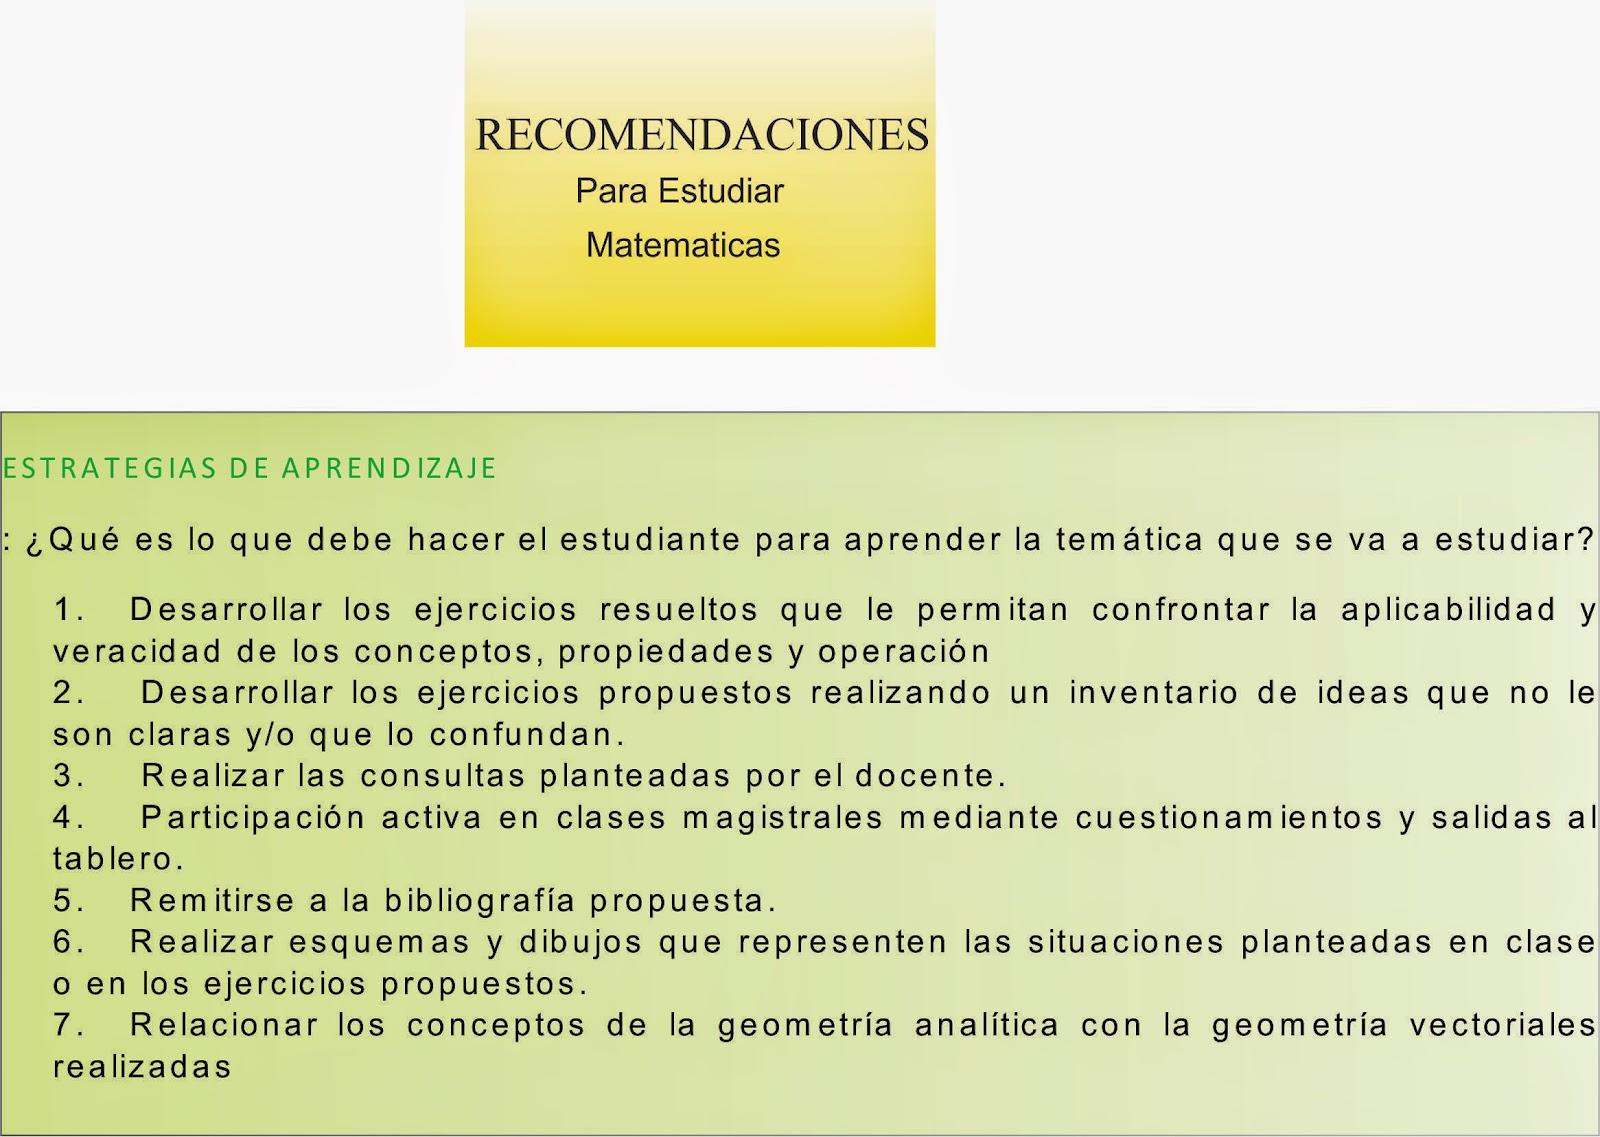 Recomendaciones para la atencin integral - pahoorg